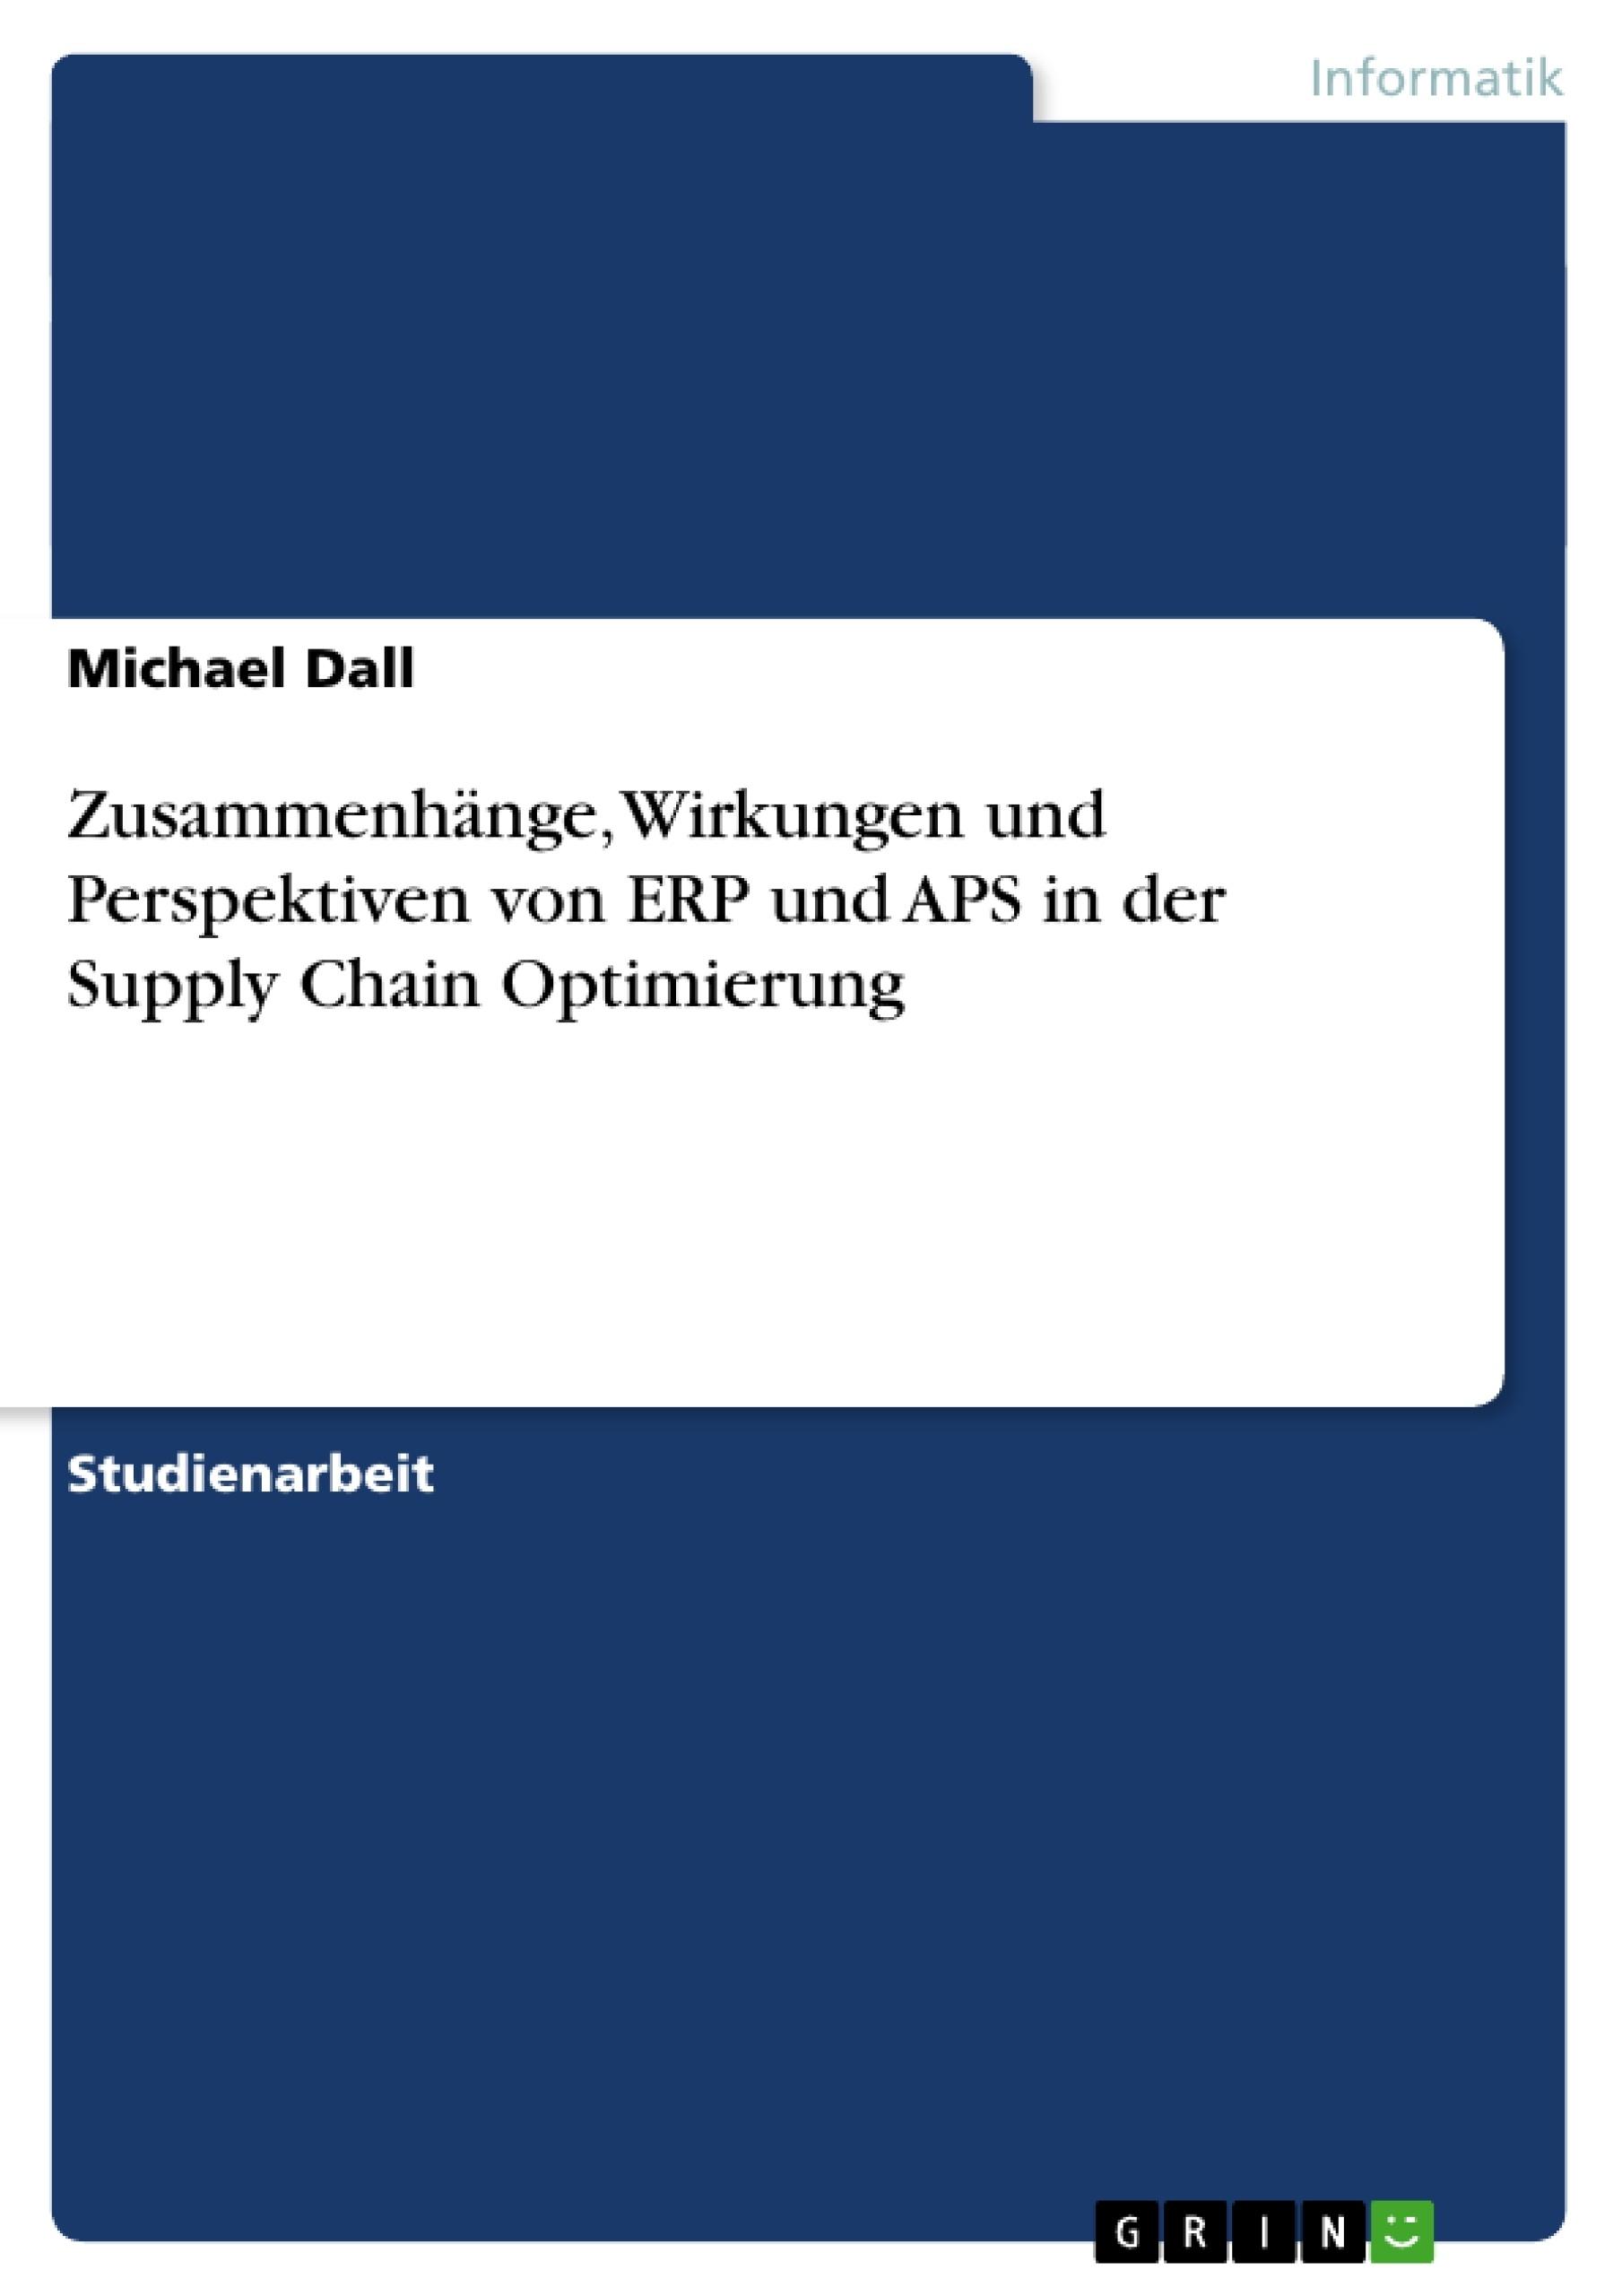 Titel: Zusammenhänge, Wirkungen und Perspektiven von ERP und APS in der Supply Chain Optimierung